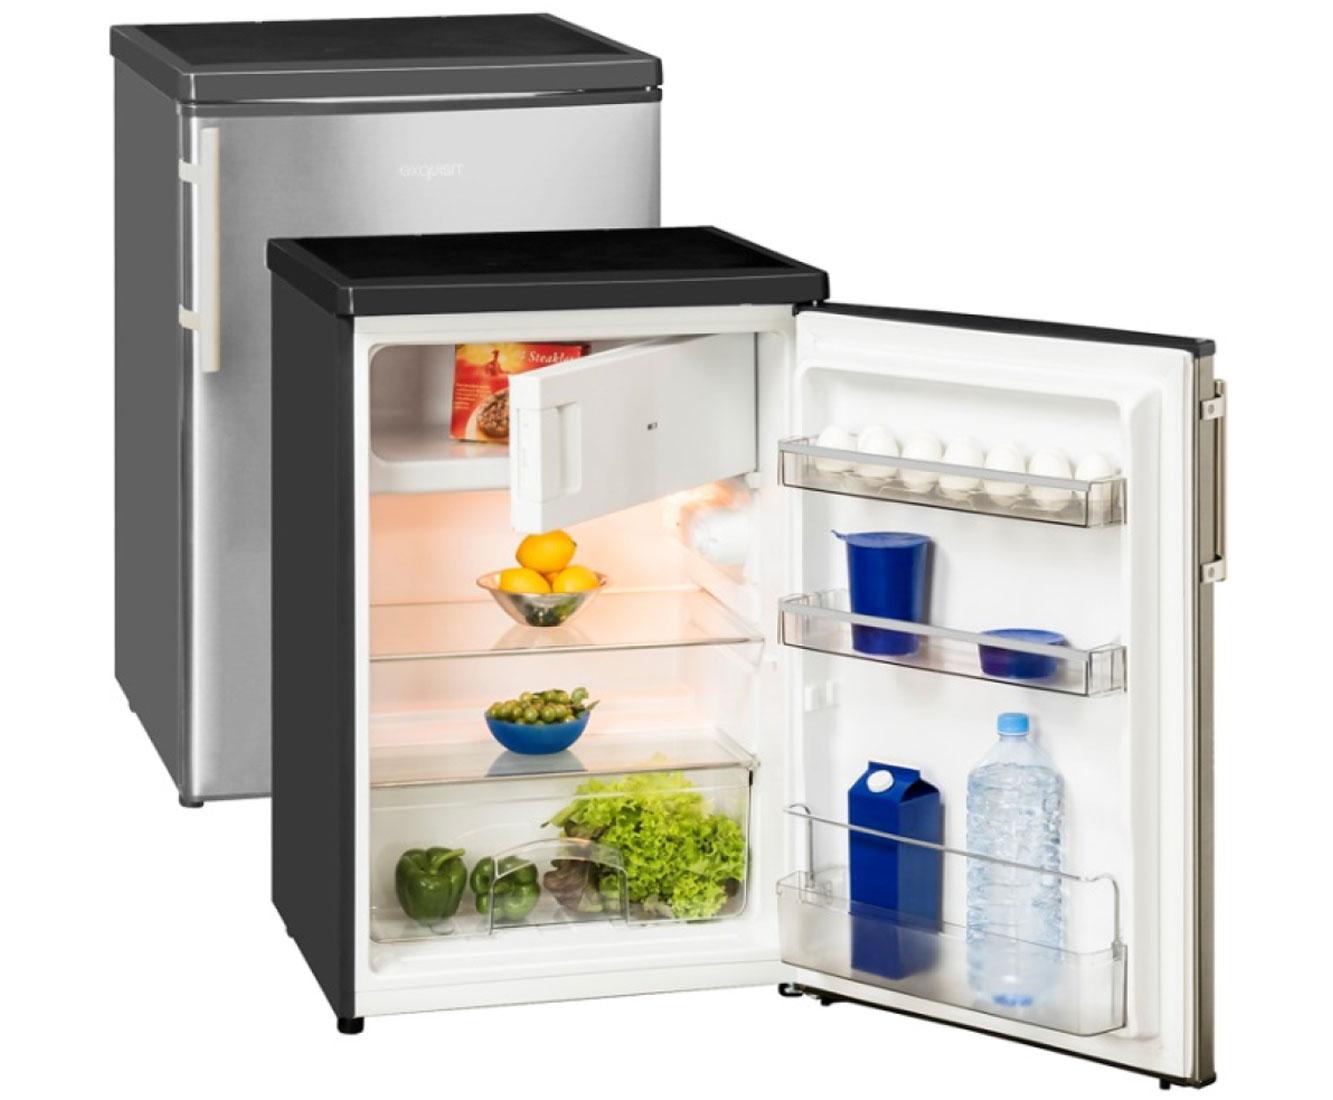 Bosch Kühlschrank Kgn 33 48 : Bosch kühlschrank preisvergleich günstig bei idealo kaufen